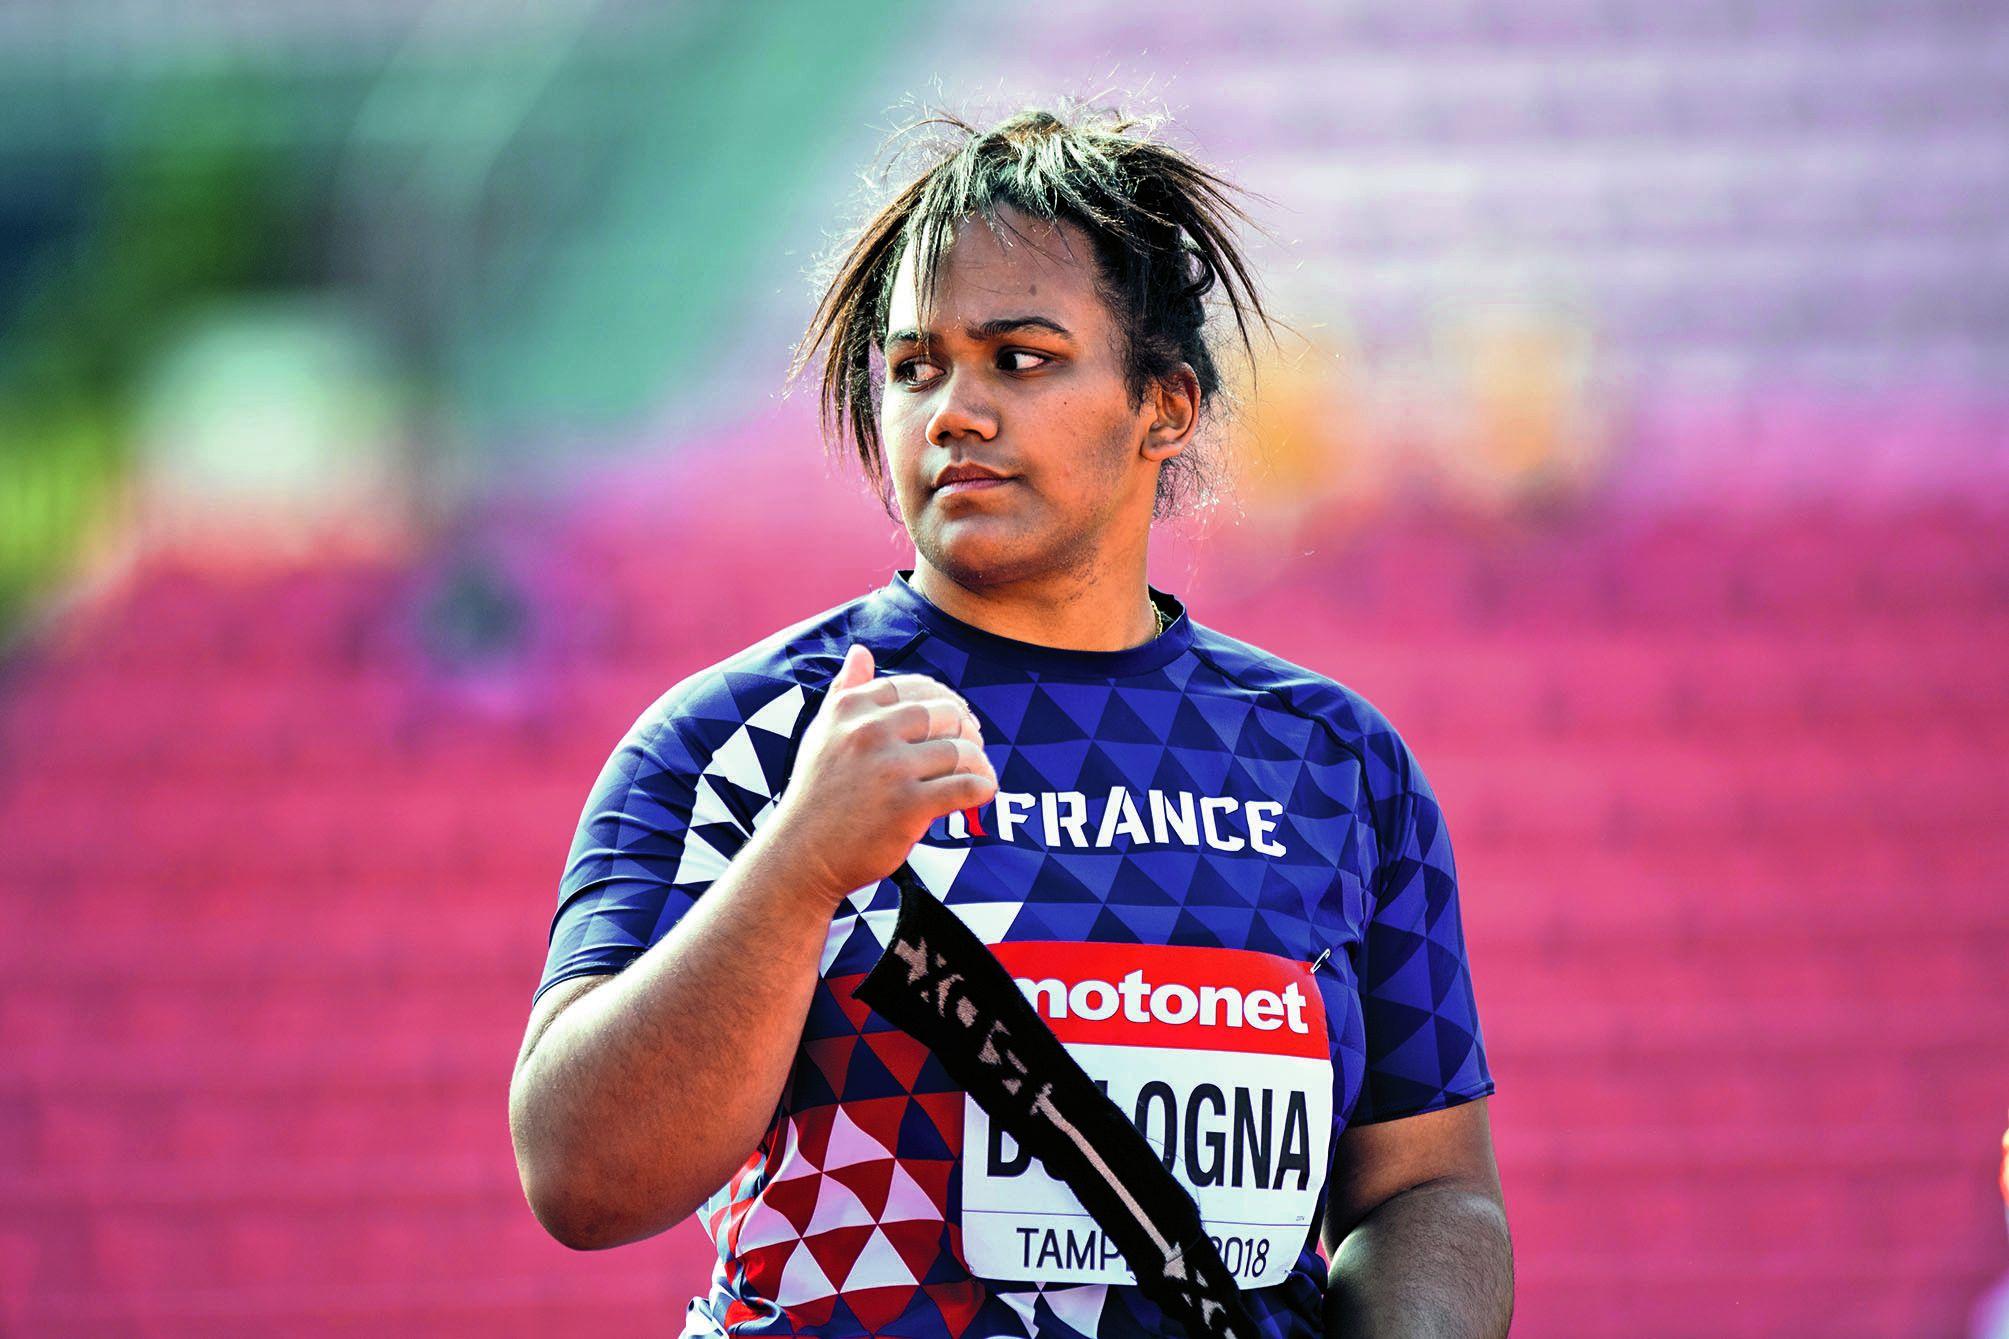 La Calédonienne n'a pas l'habitude de voyager, « surtout que comme dans tous les sports, on a une contrainte budgétaire », commente sa coach, Sandra Lambrani.